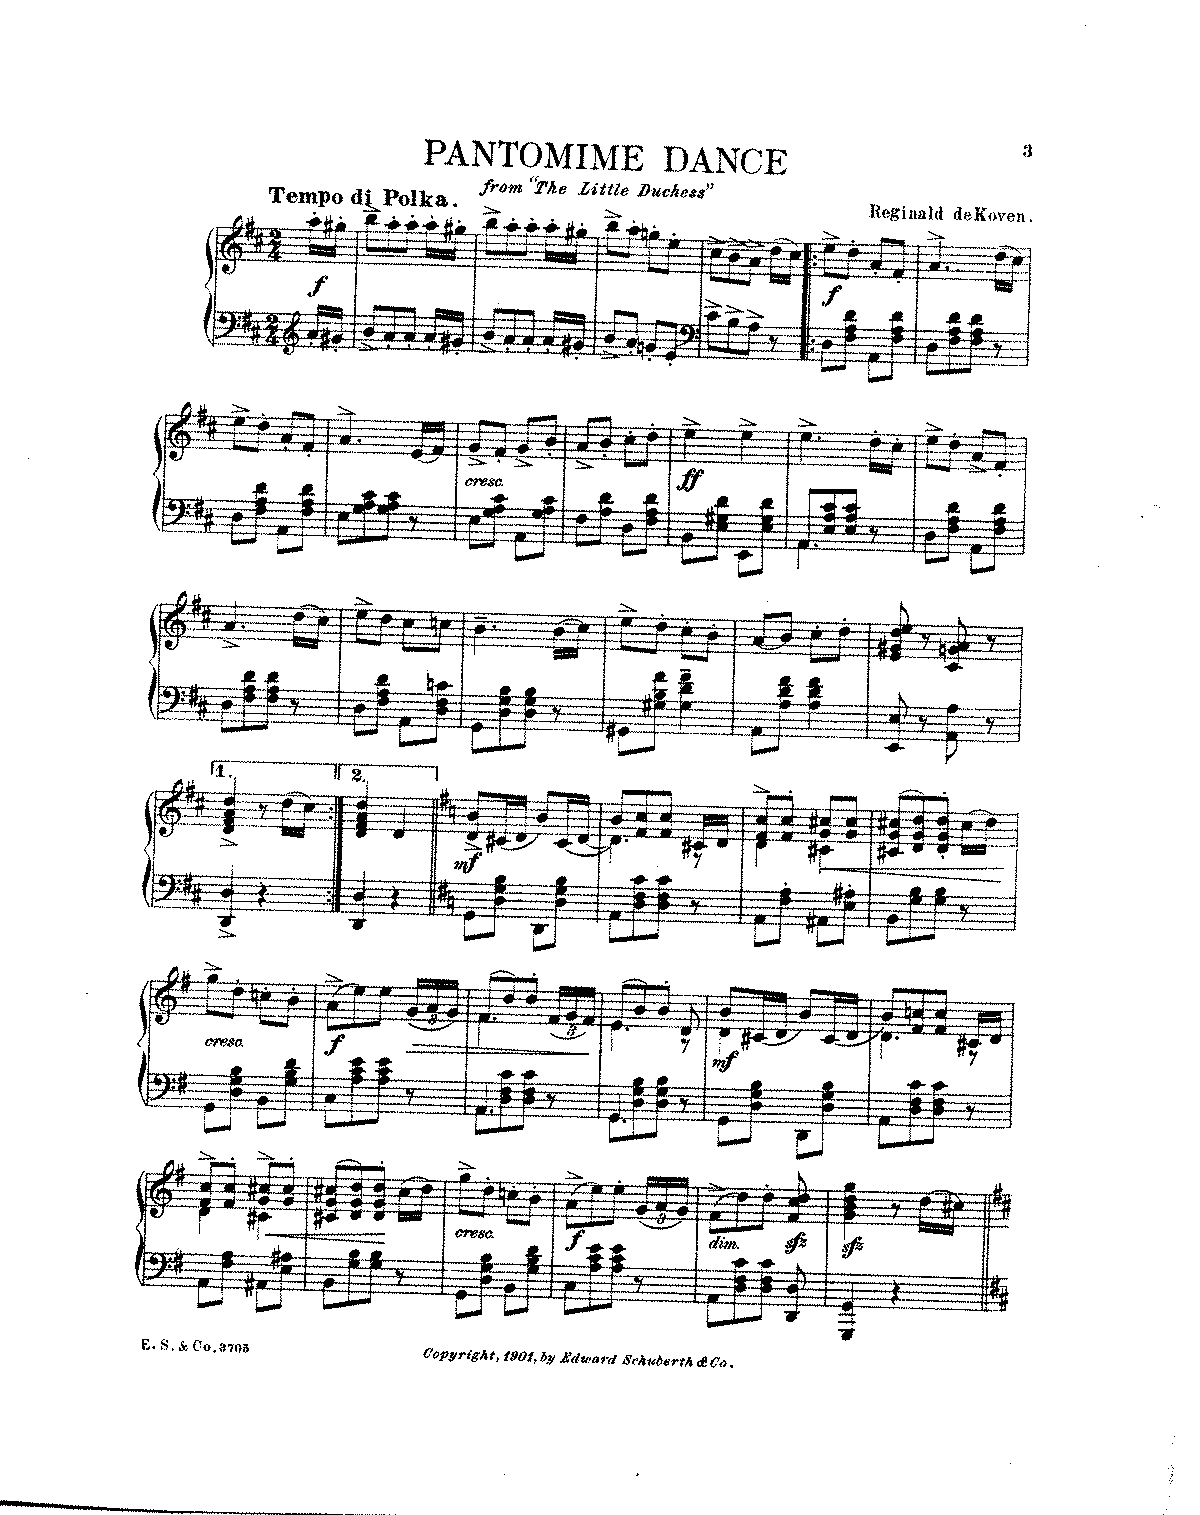 The Little Duchess (De Koven, Reginald) - IMSLP/Petrucci Music